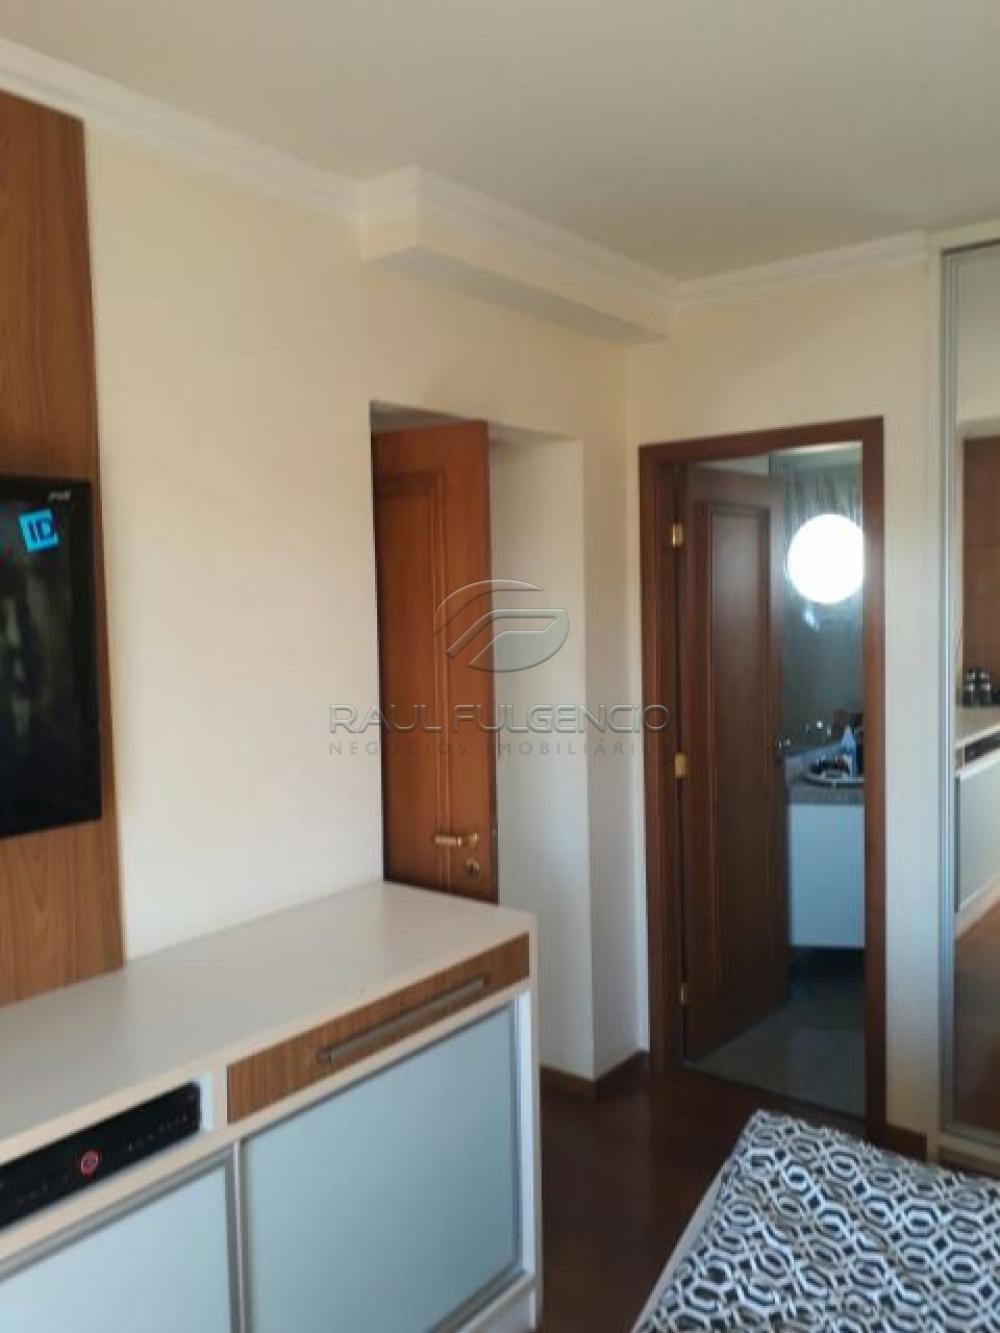 Comprar Apartamento / Padrão em Londrina apenas R$ 700.000,00 - Foto 3